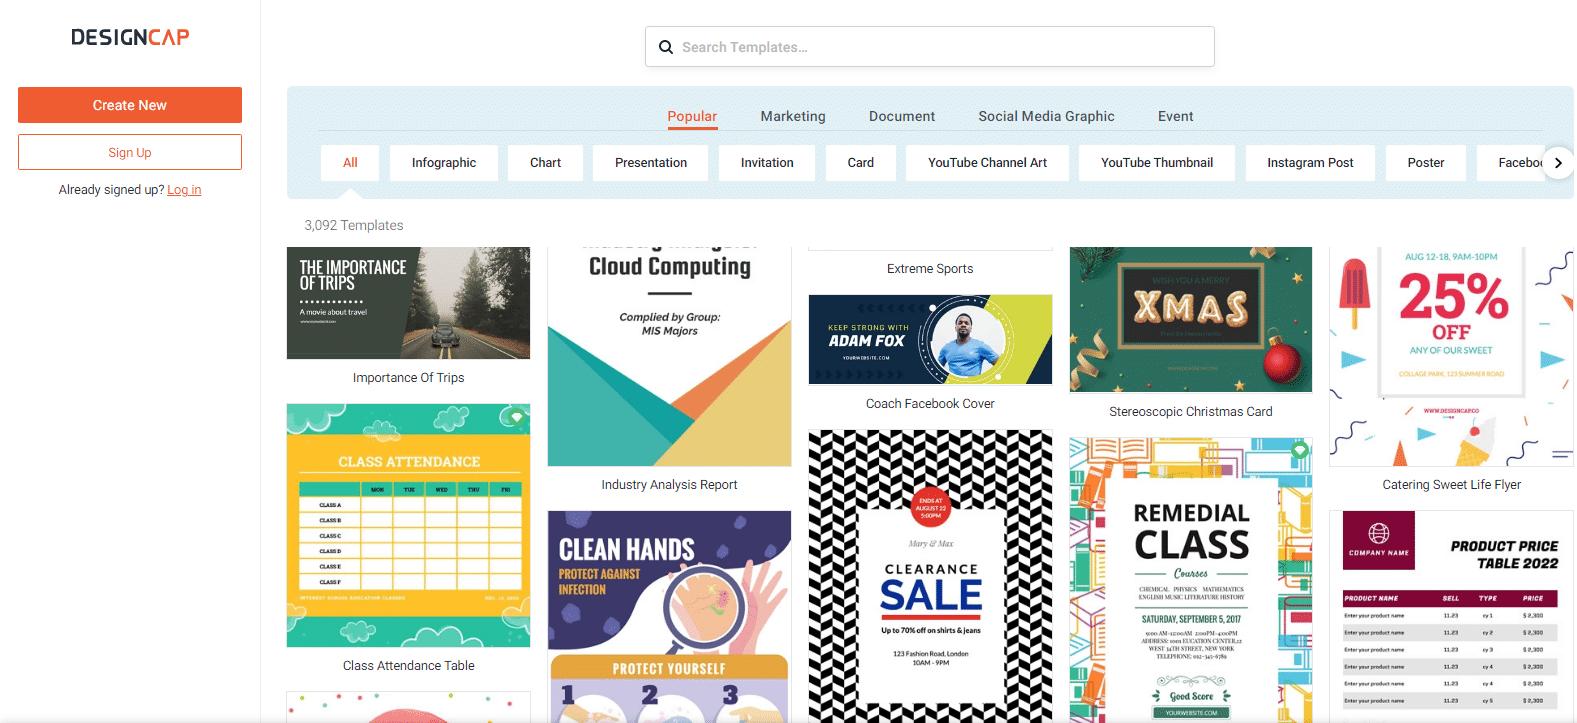 DesignCap - mejores programas de diseño gráfico gratis